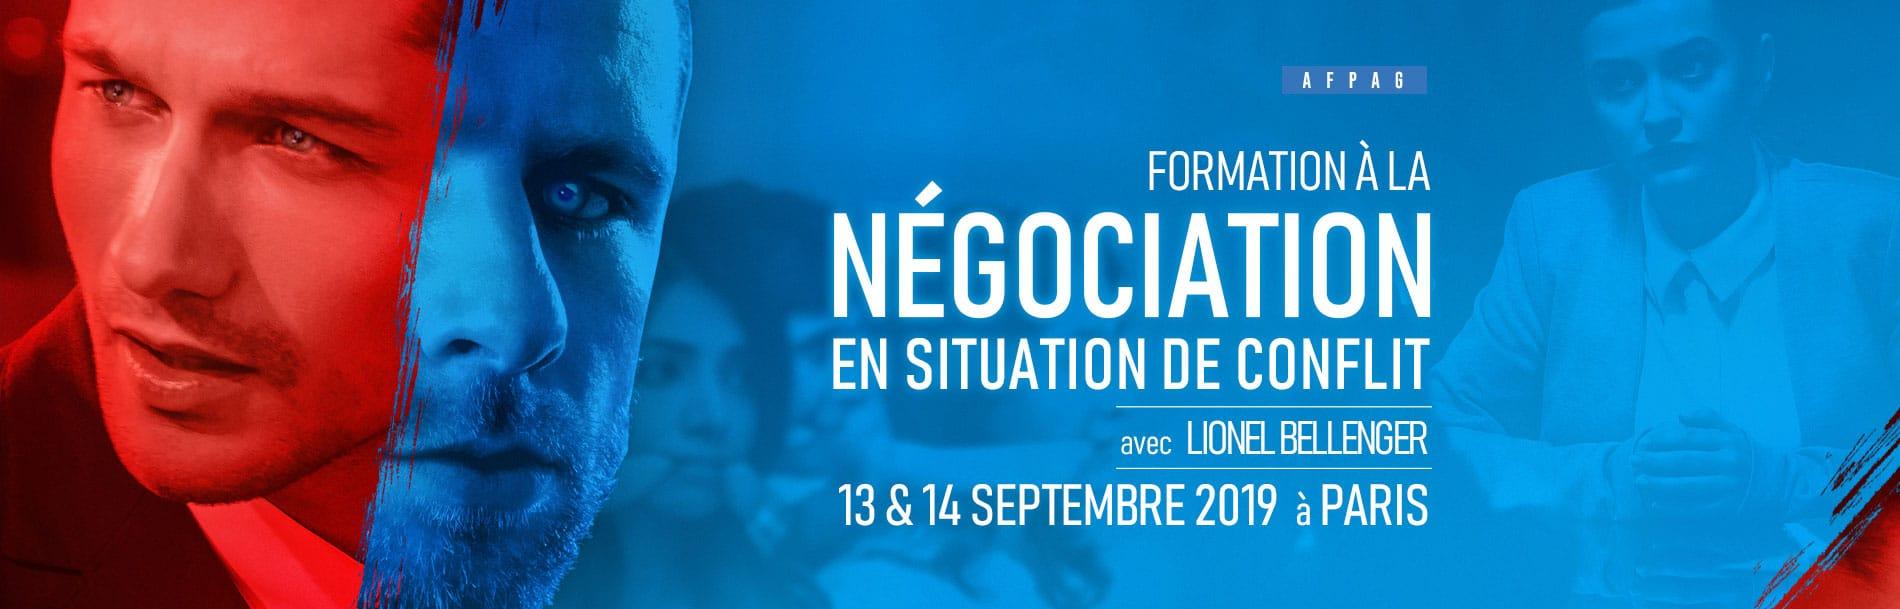 Formation Négociation en situation de conflit